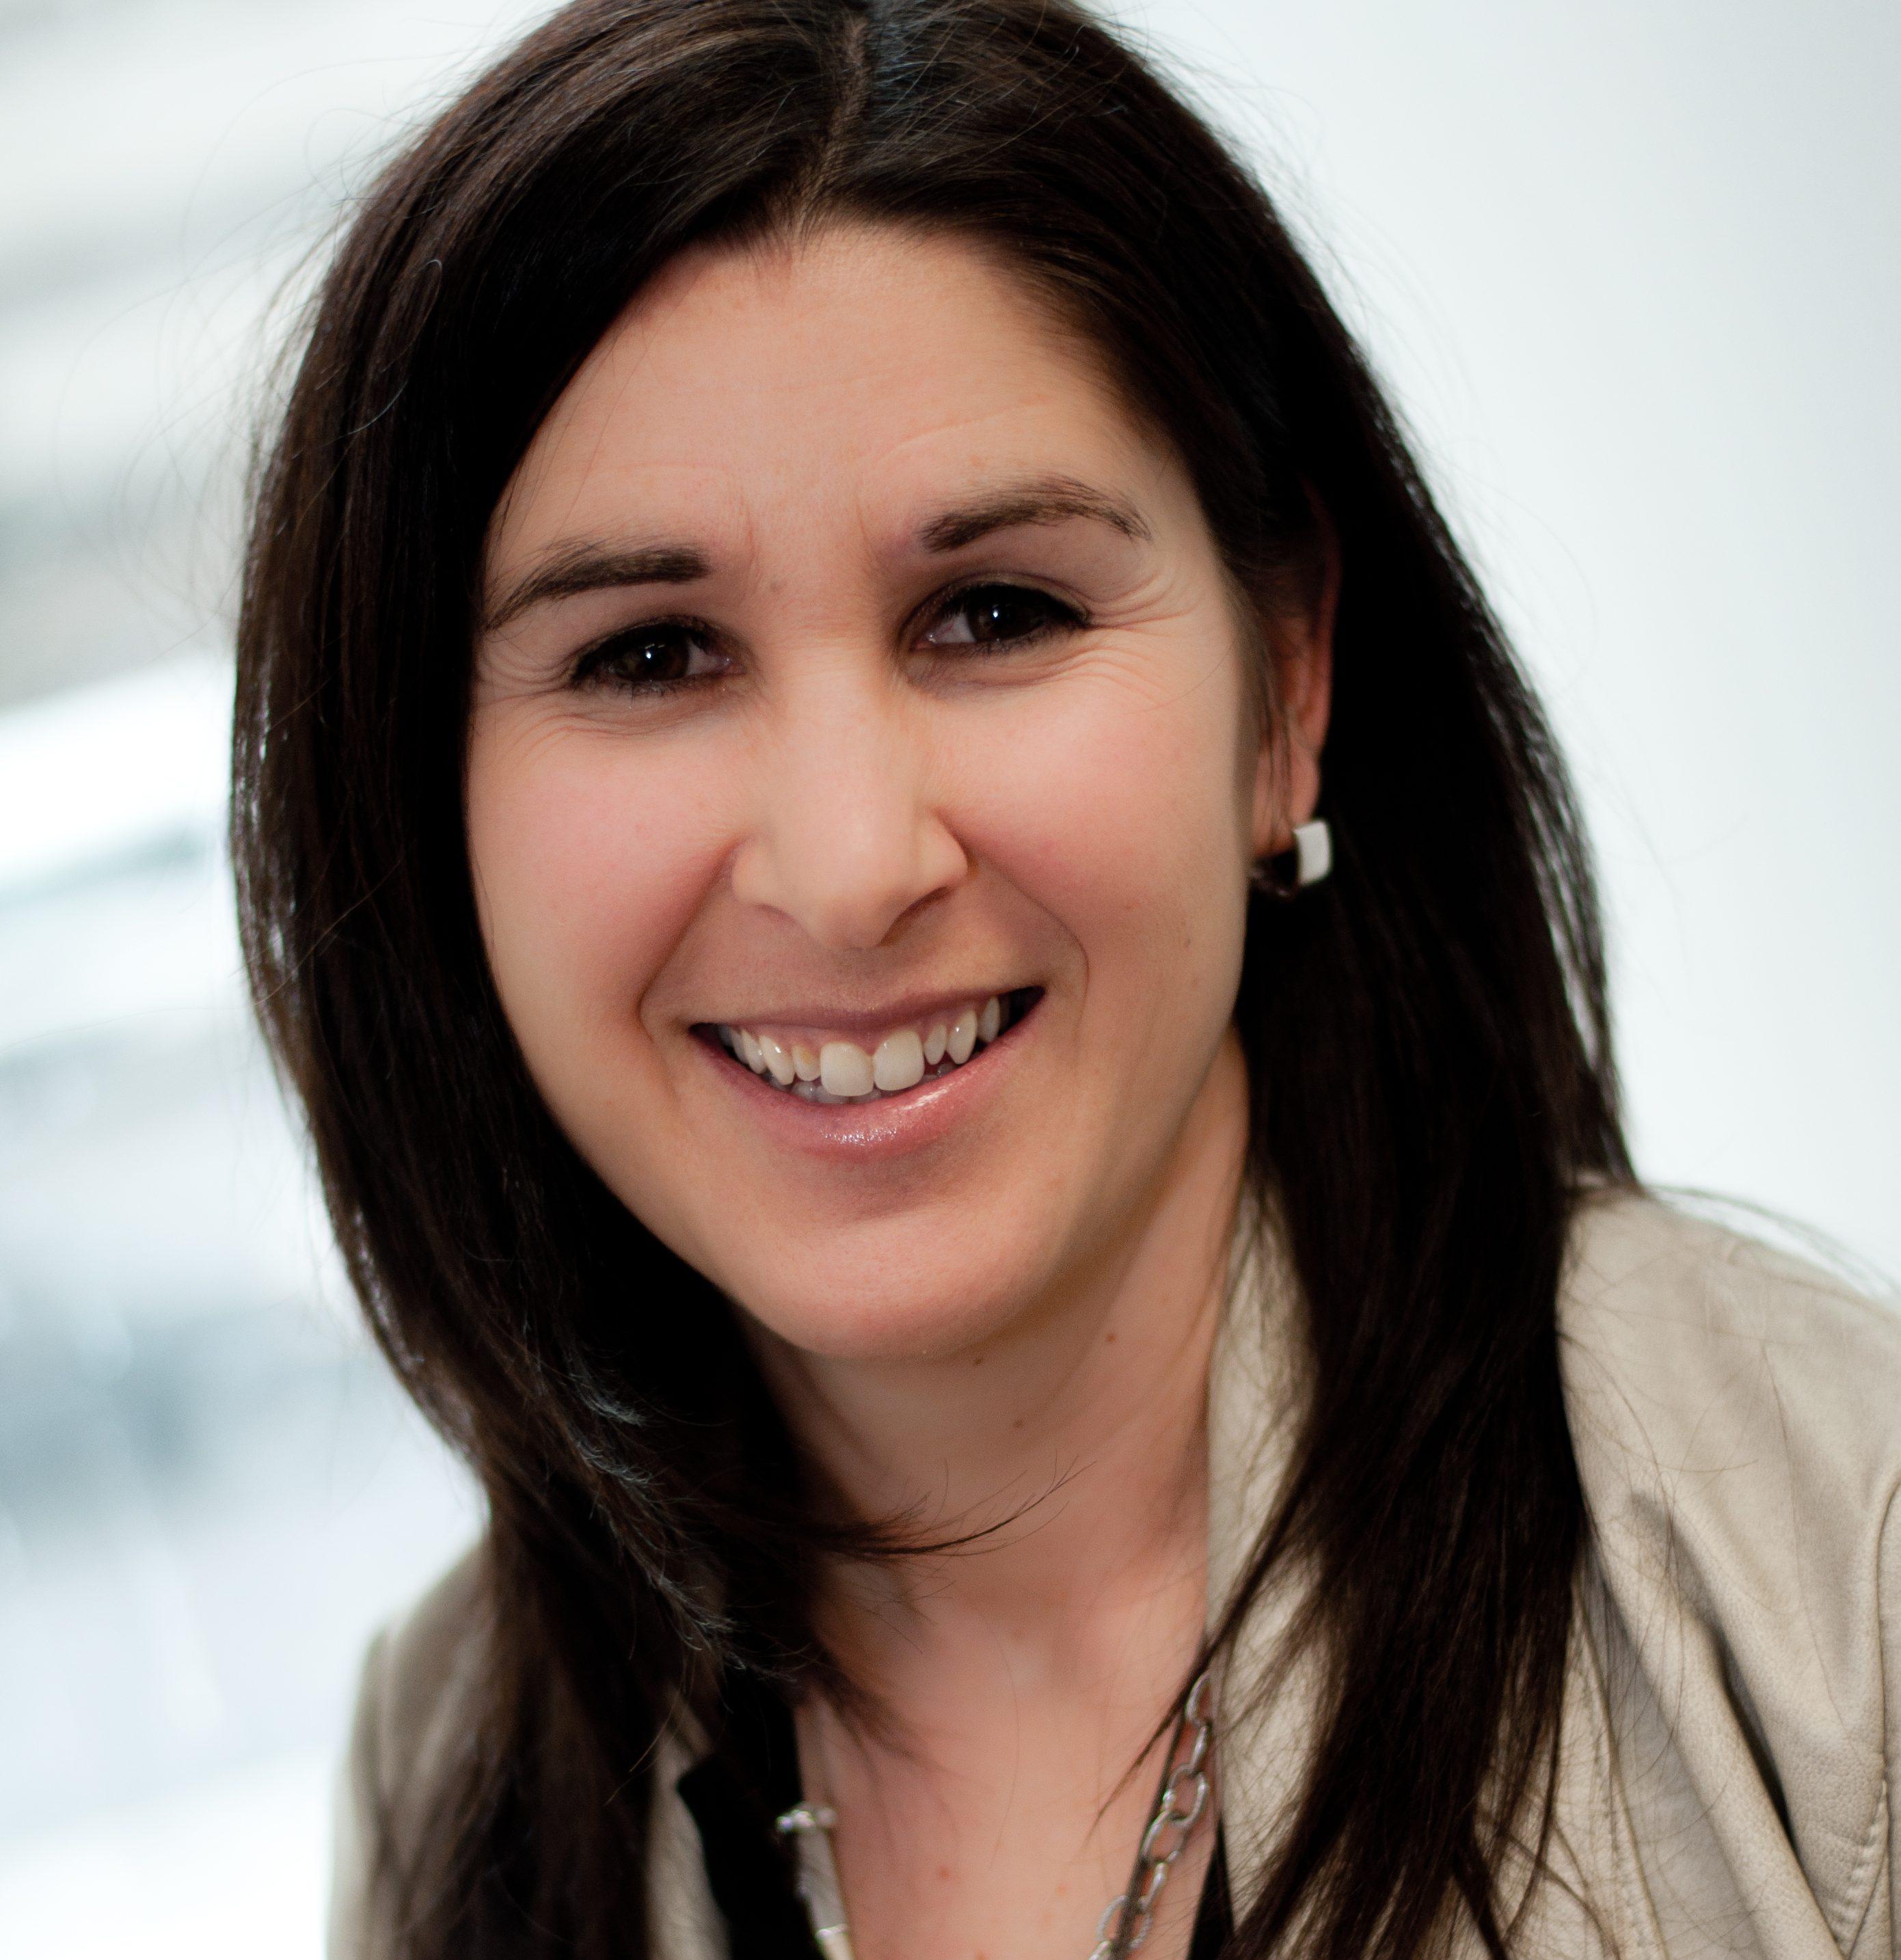 Amélie Masse, psychologie et membre de l'équipe de direction clinique de Parcours d'enfant, sourit à la caméra.